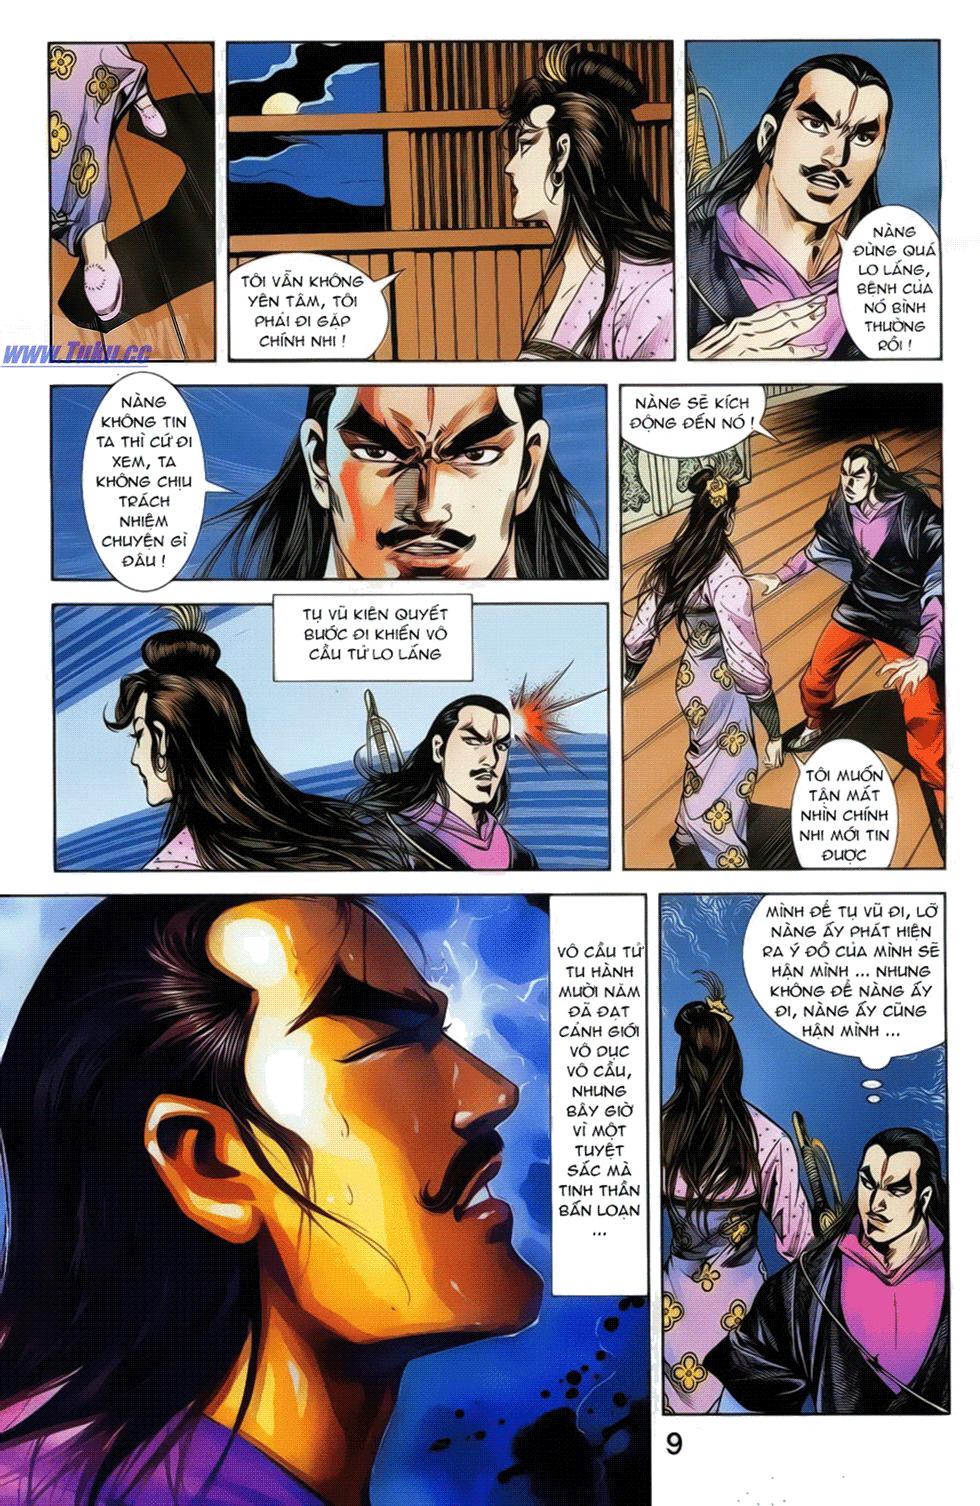 Tần Vương Doanh Chính chapter 19 trang 22